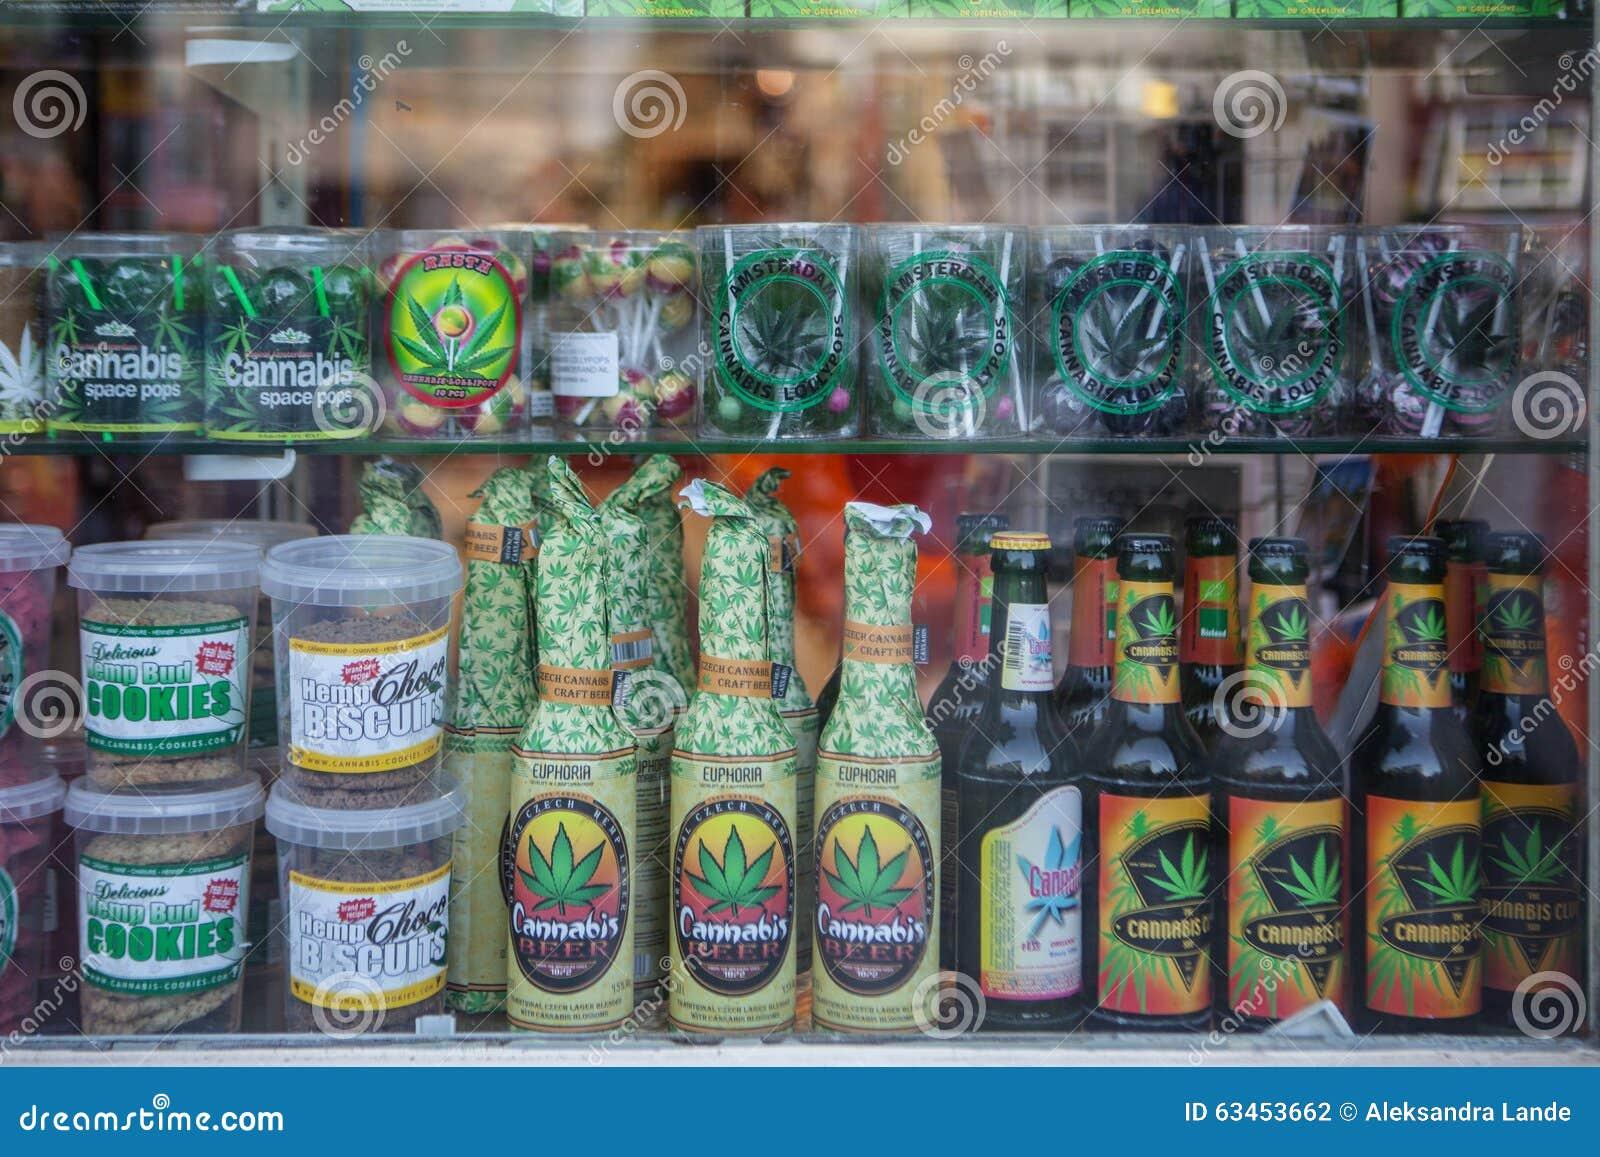 Амстердам шоколад марихуана заказать семена для гидропоники